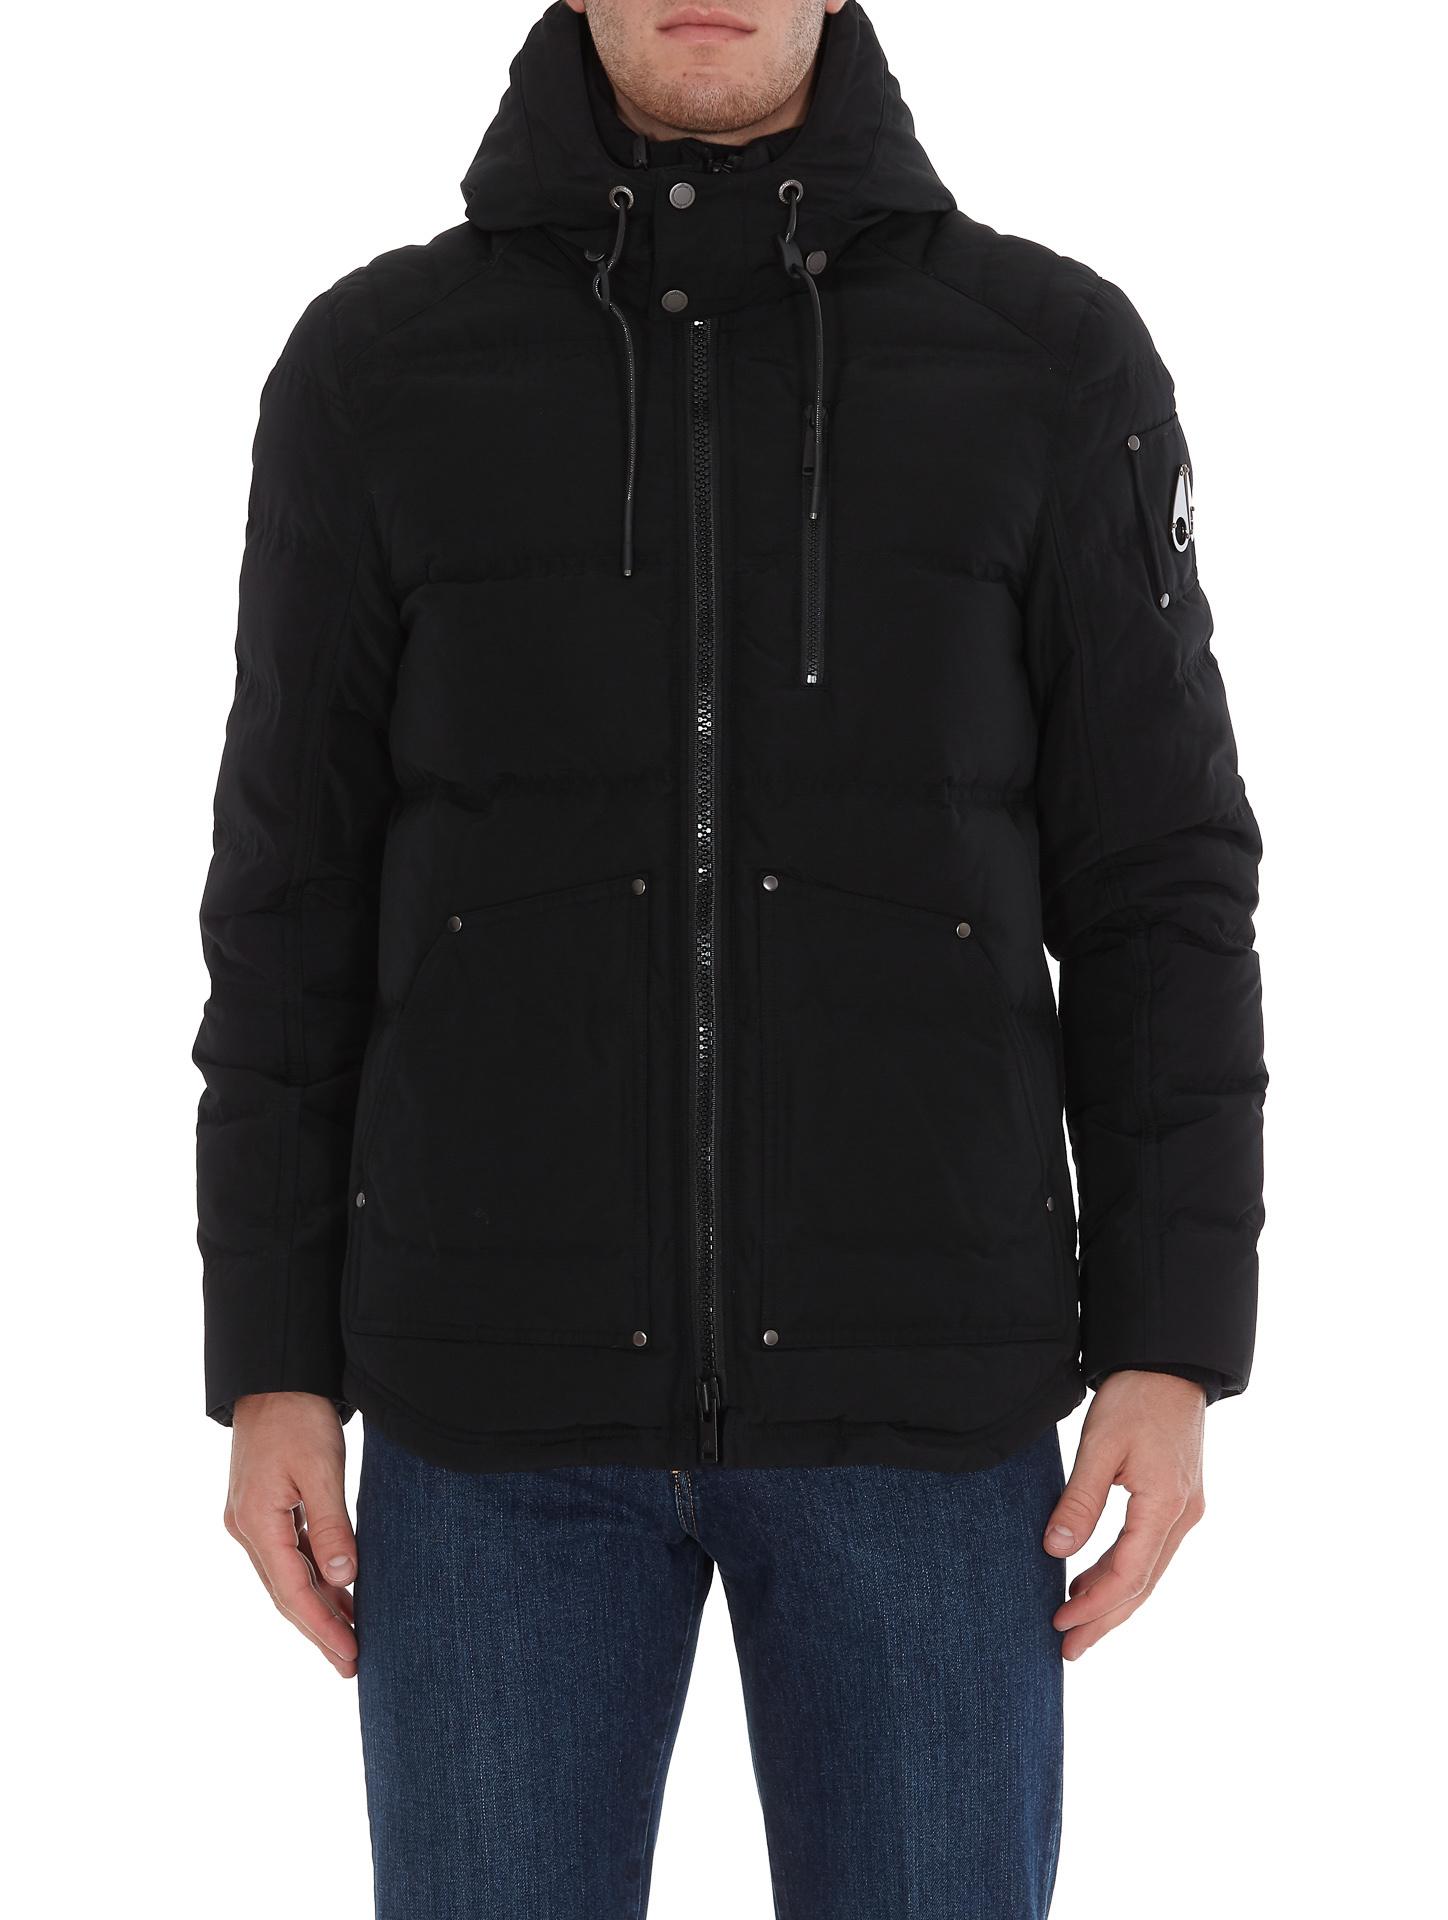 Moose Knuckles Men's Humber Jacket